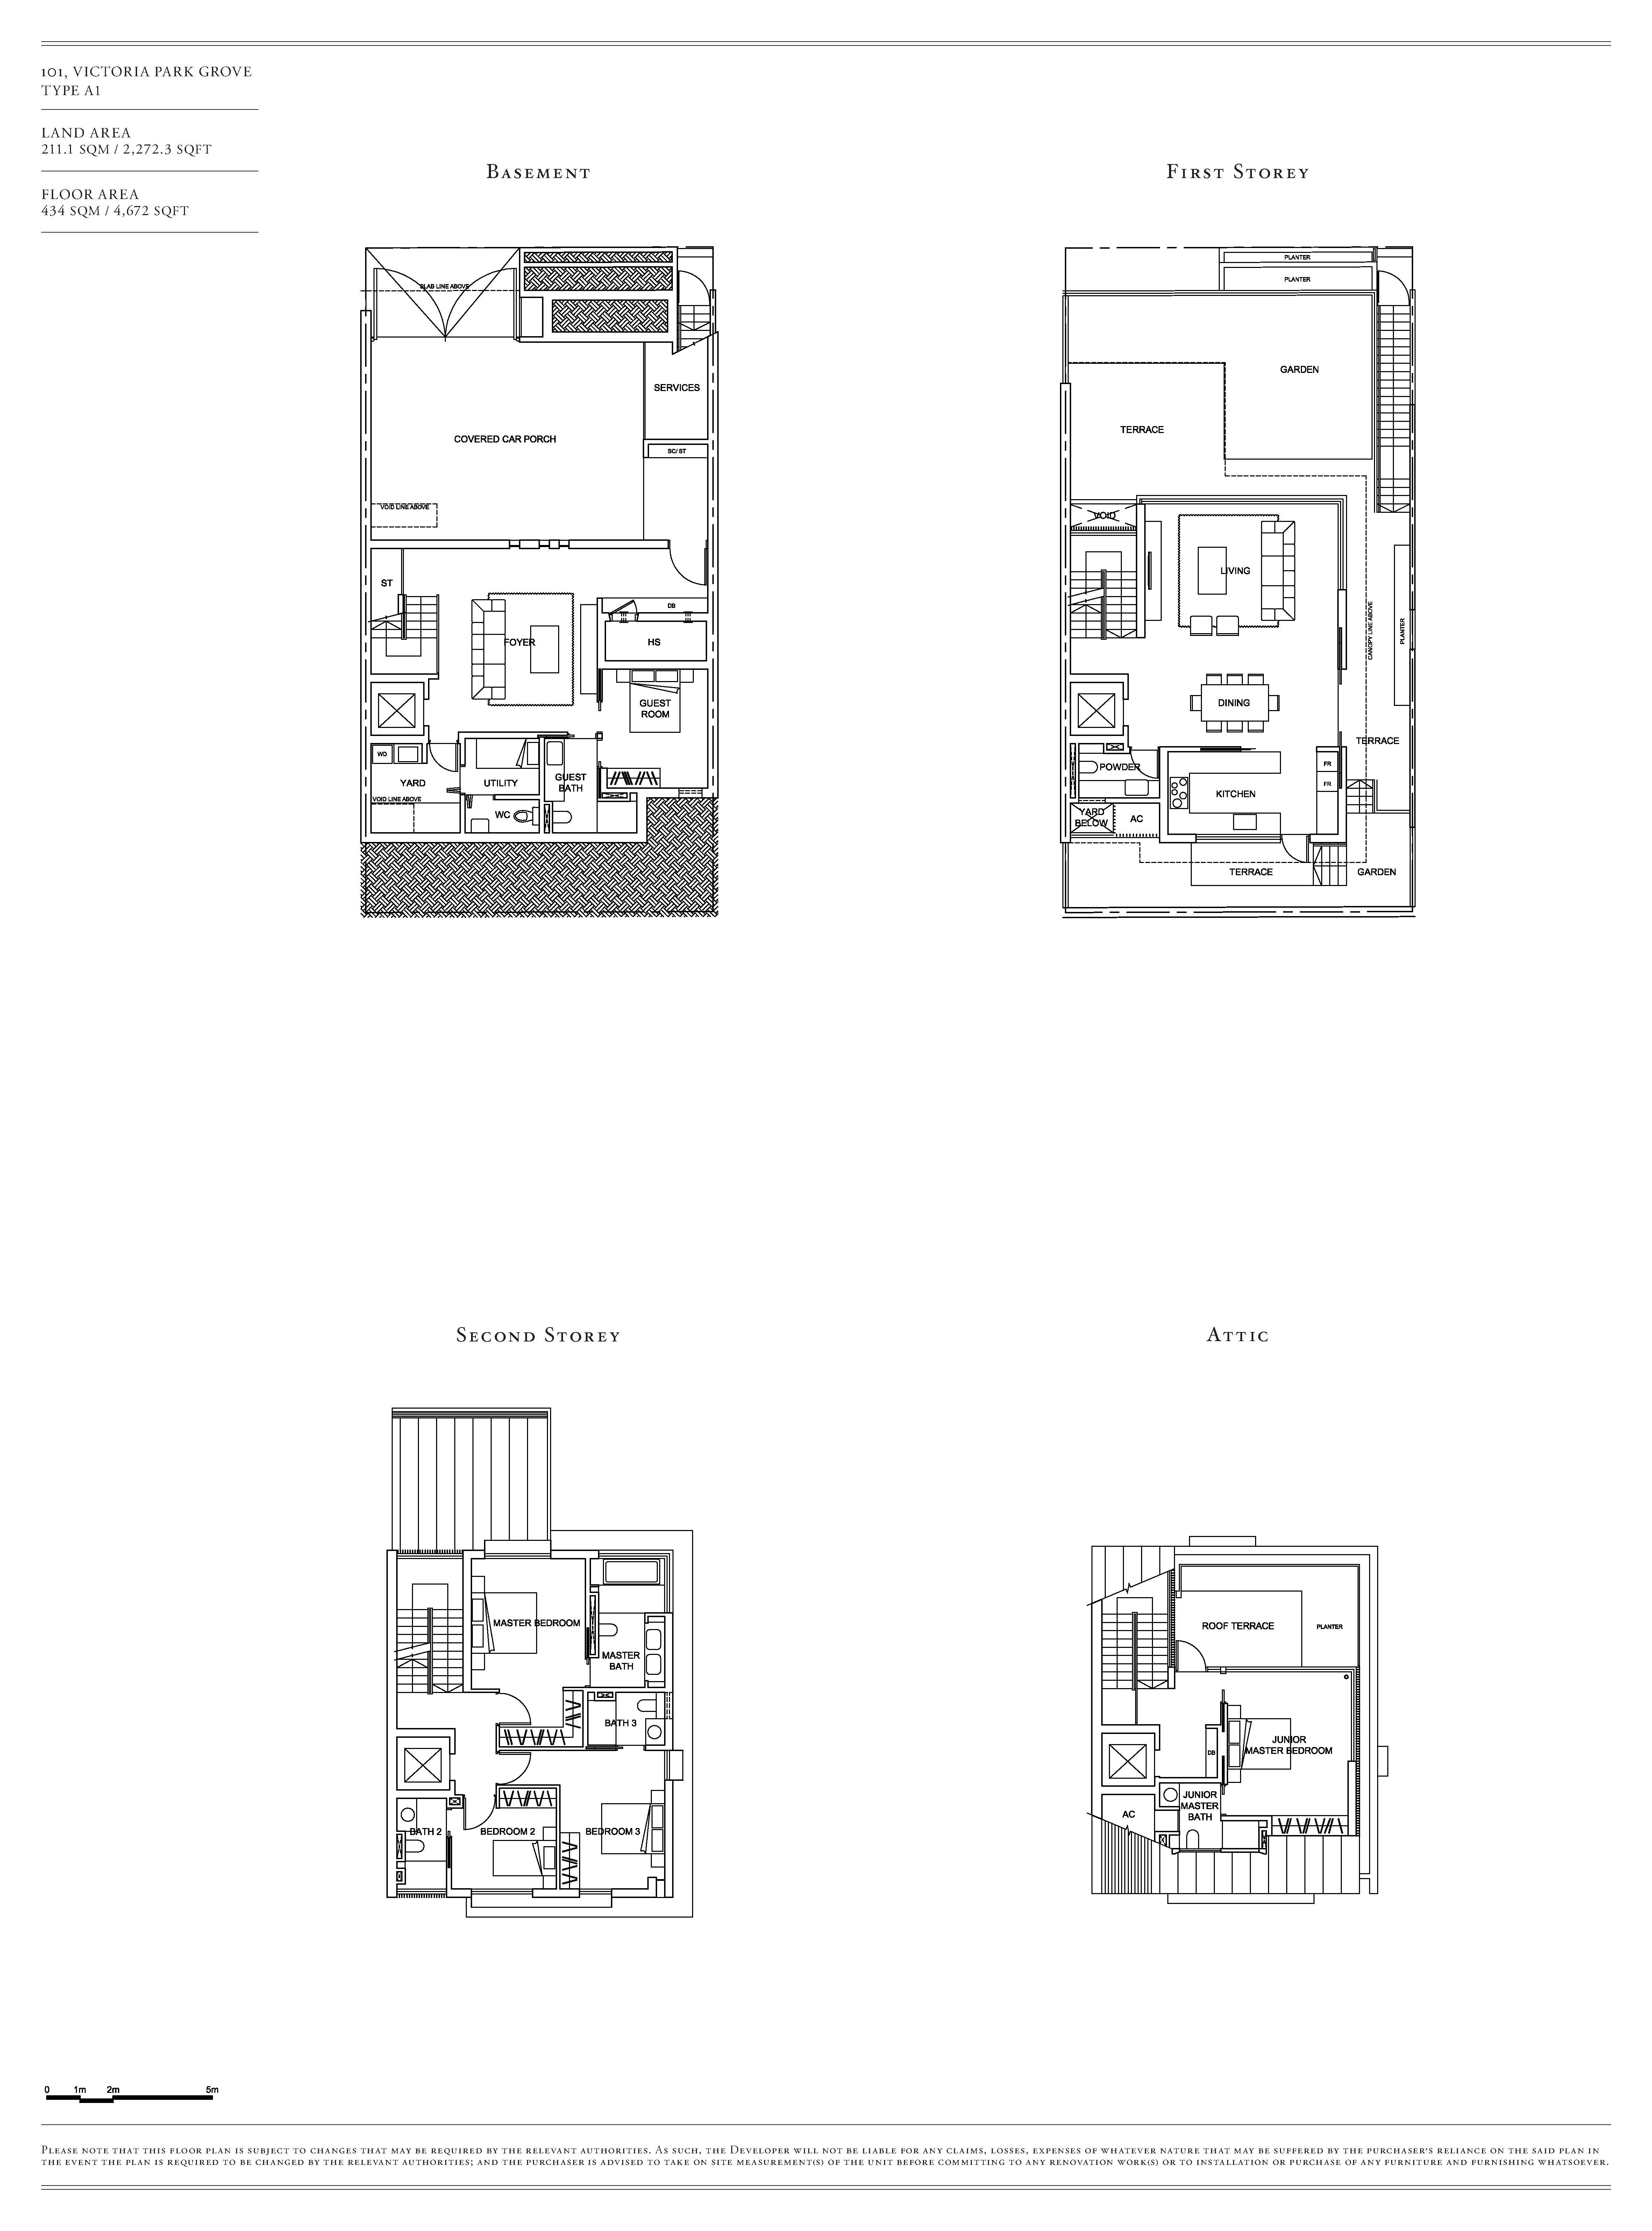 Victoria Park Villas House 101 Type A1 Floor Plans